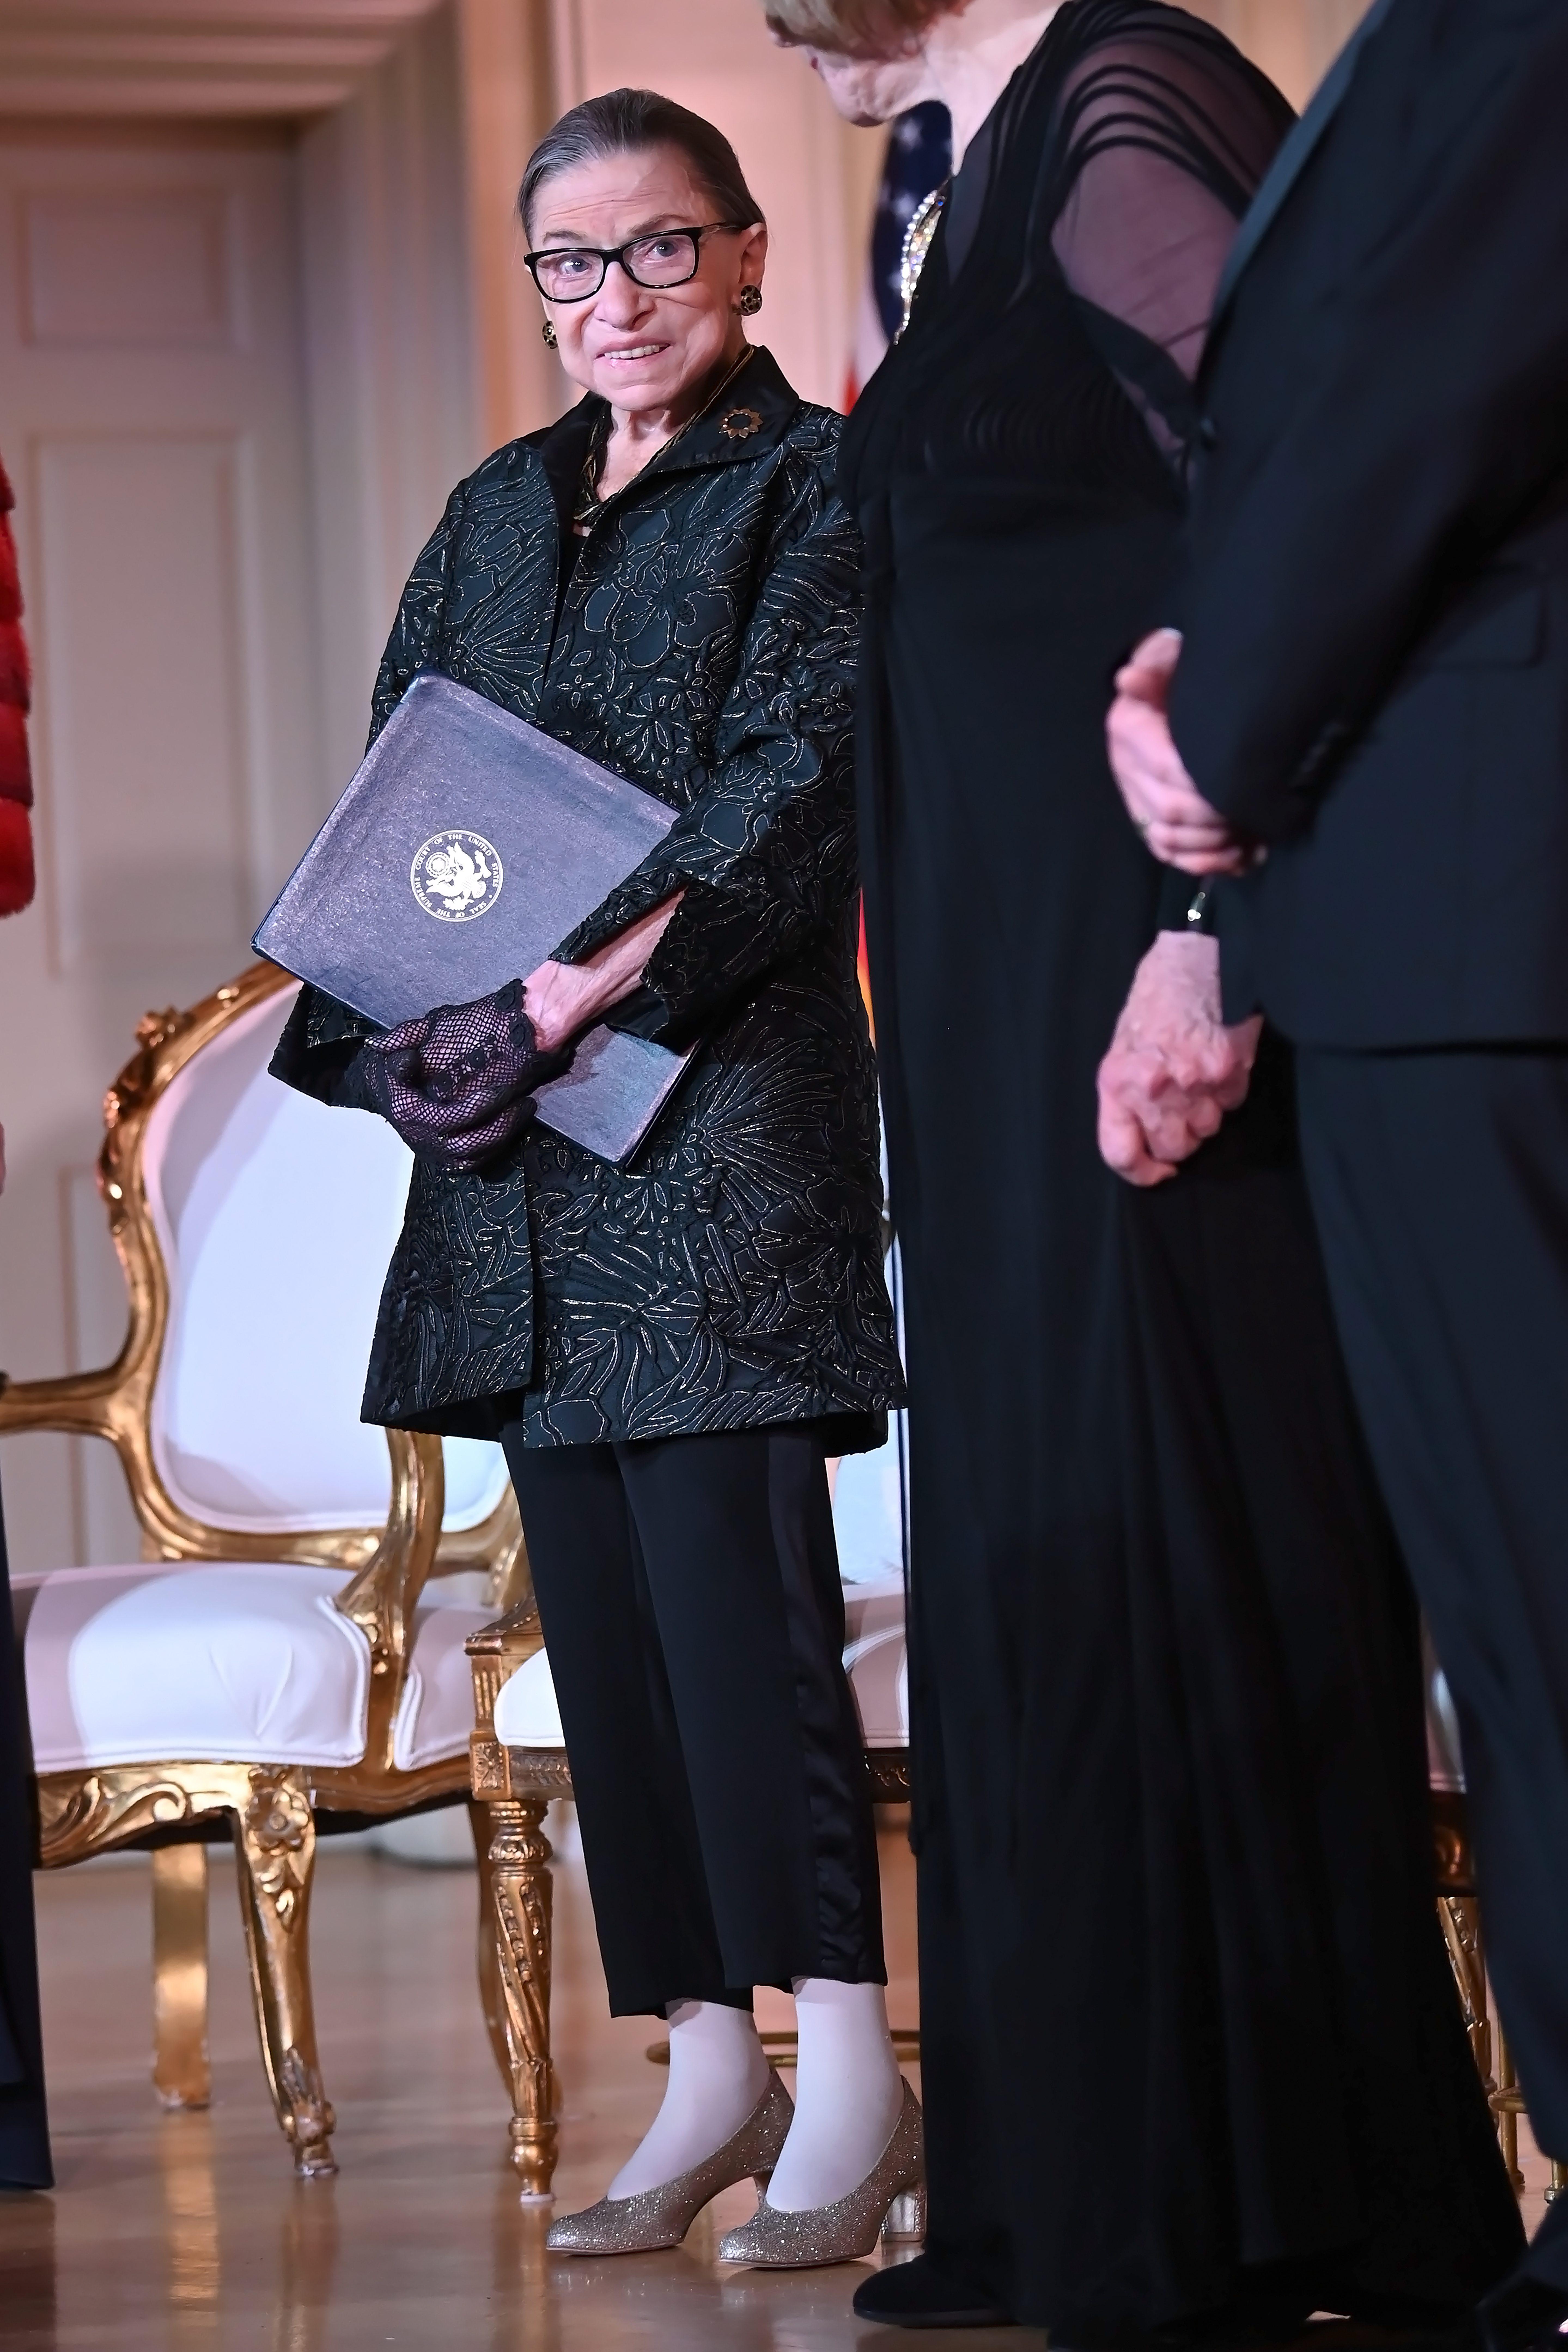 Justice Ruth Bader Ginsburg Presents Inaugural Woman Of Leadership Award To Agnes Gund